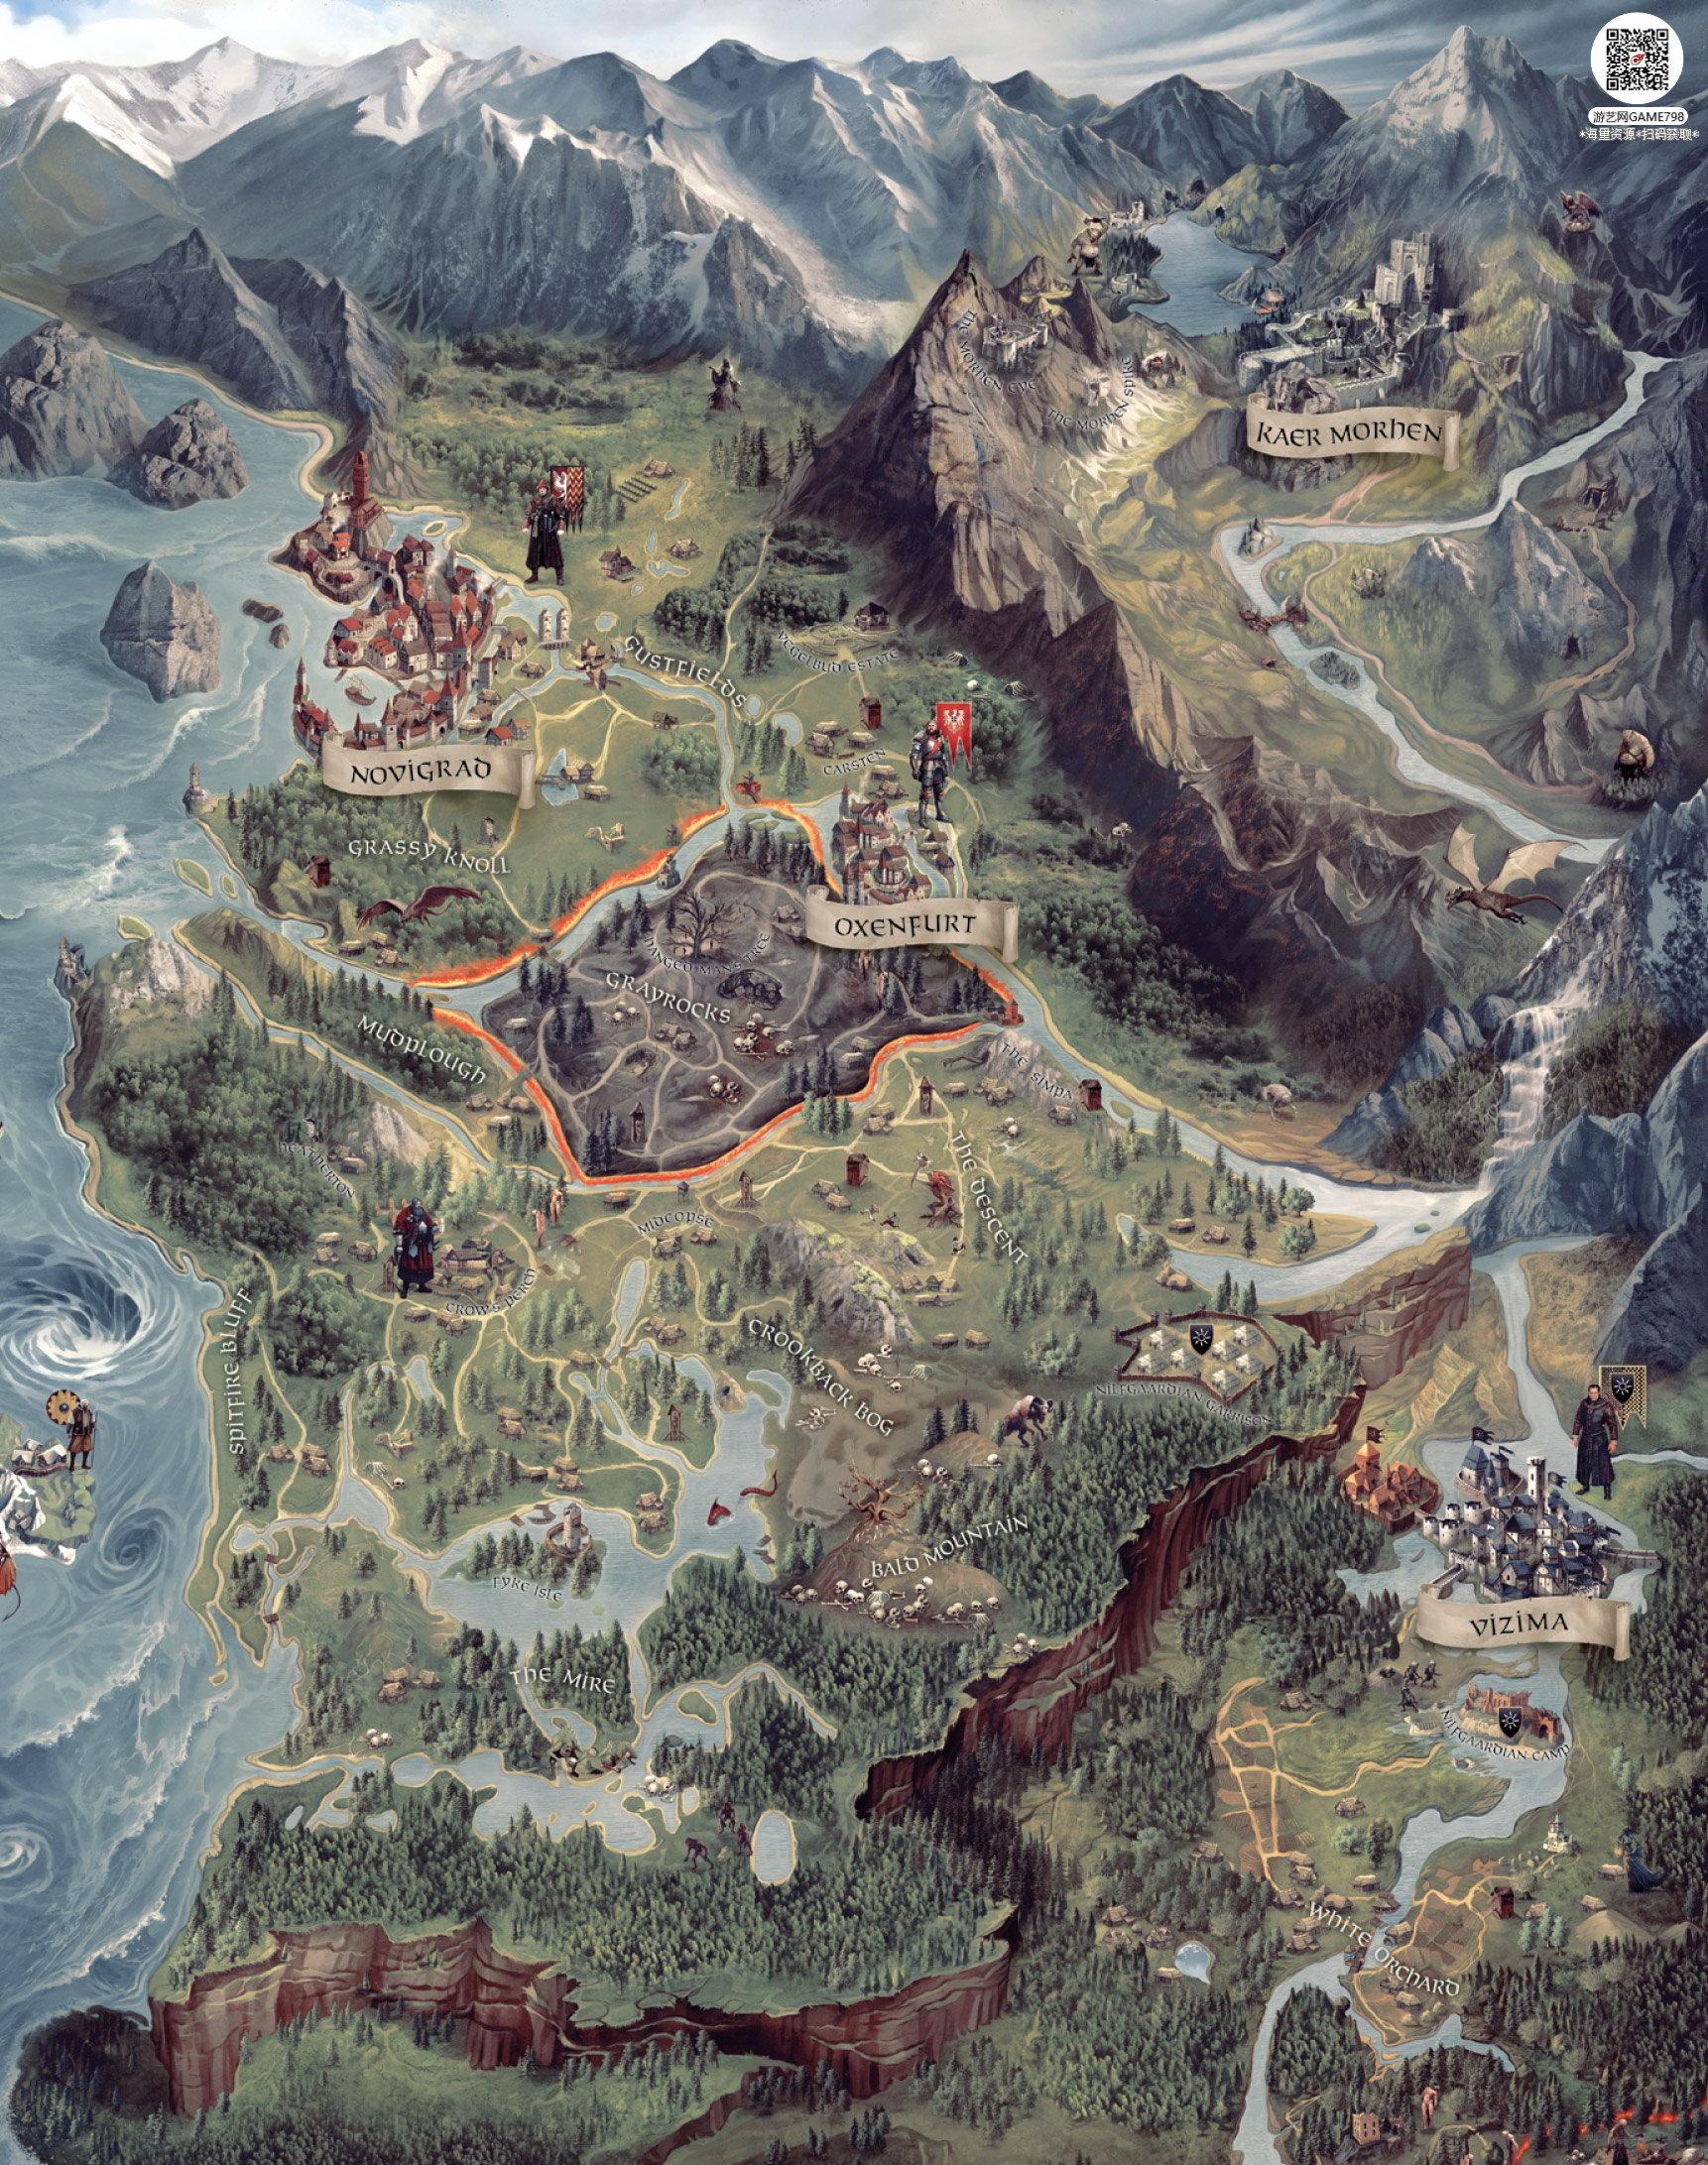 008_关注游艺网公众号获海量资源_次世代游戏巫师3(Witcher)官方原画概念设定.jpg